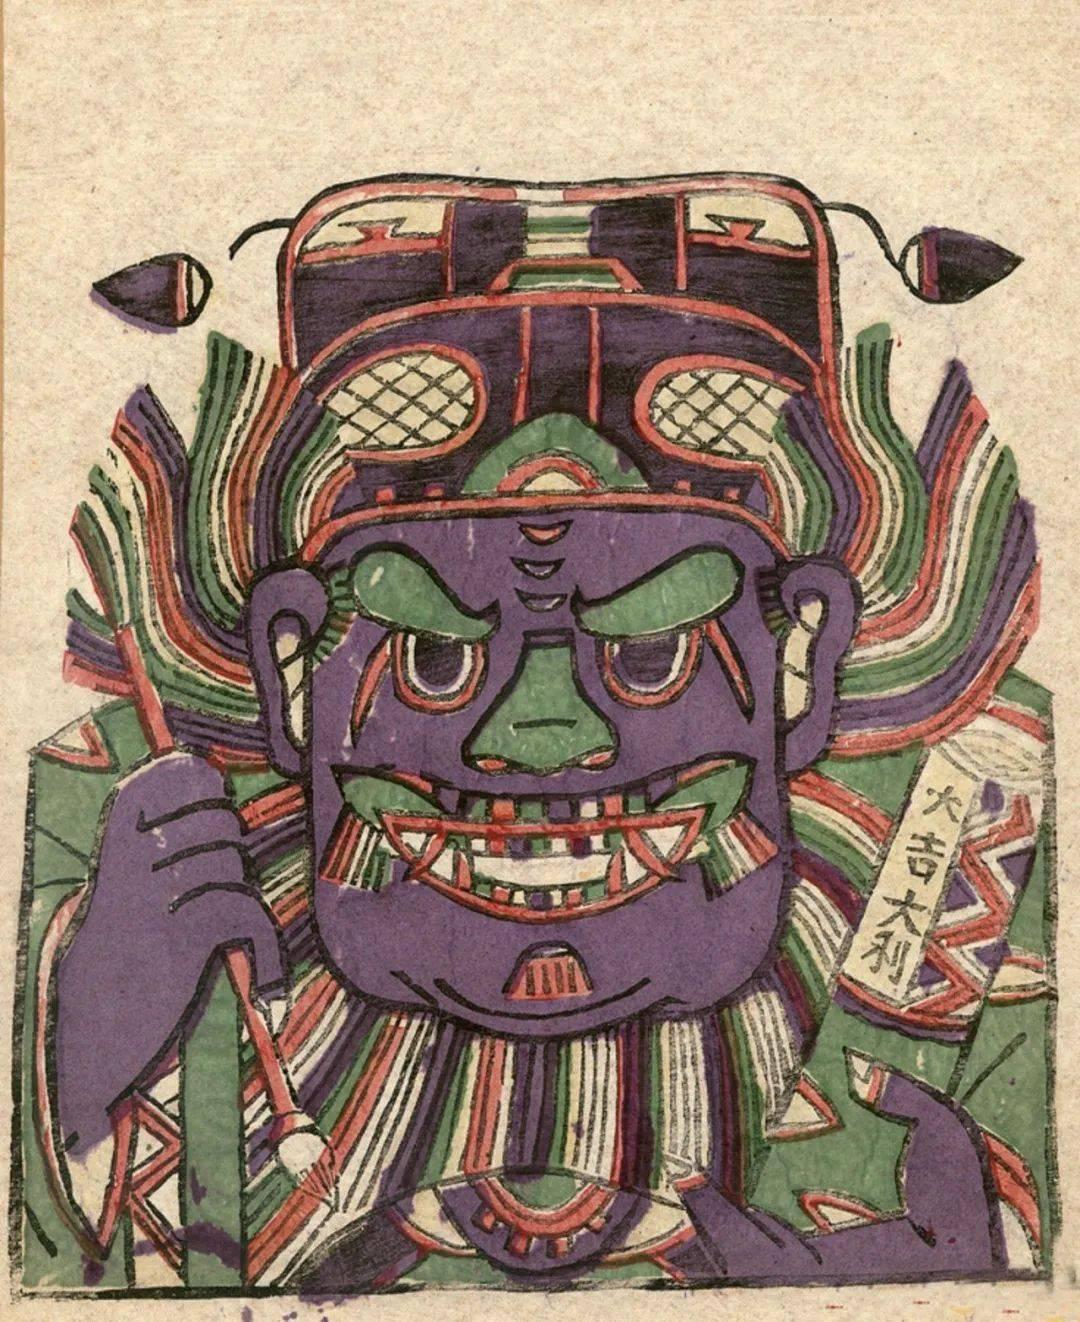 美国道教 日本神道教和中国道教